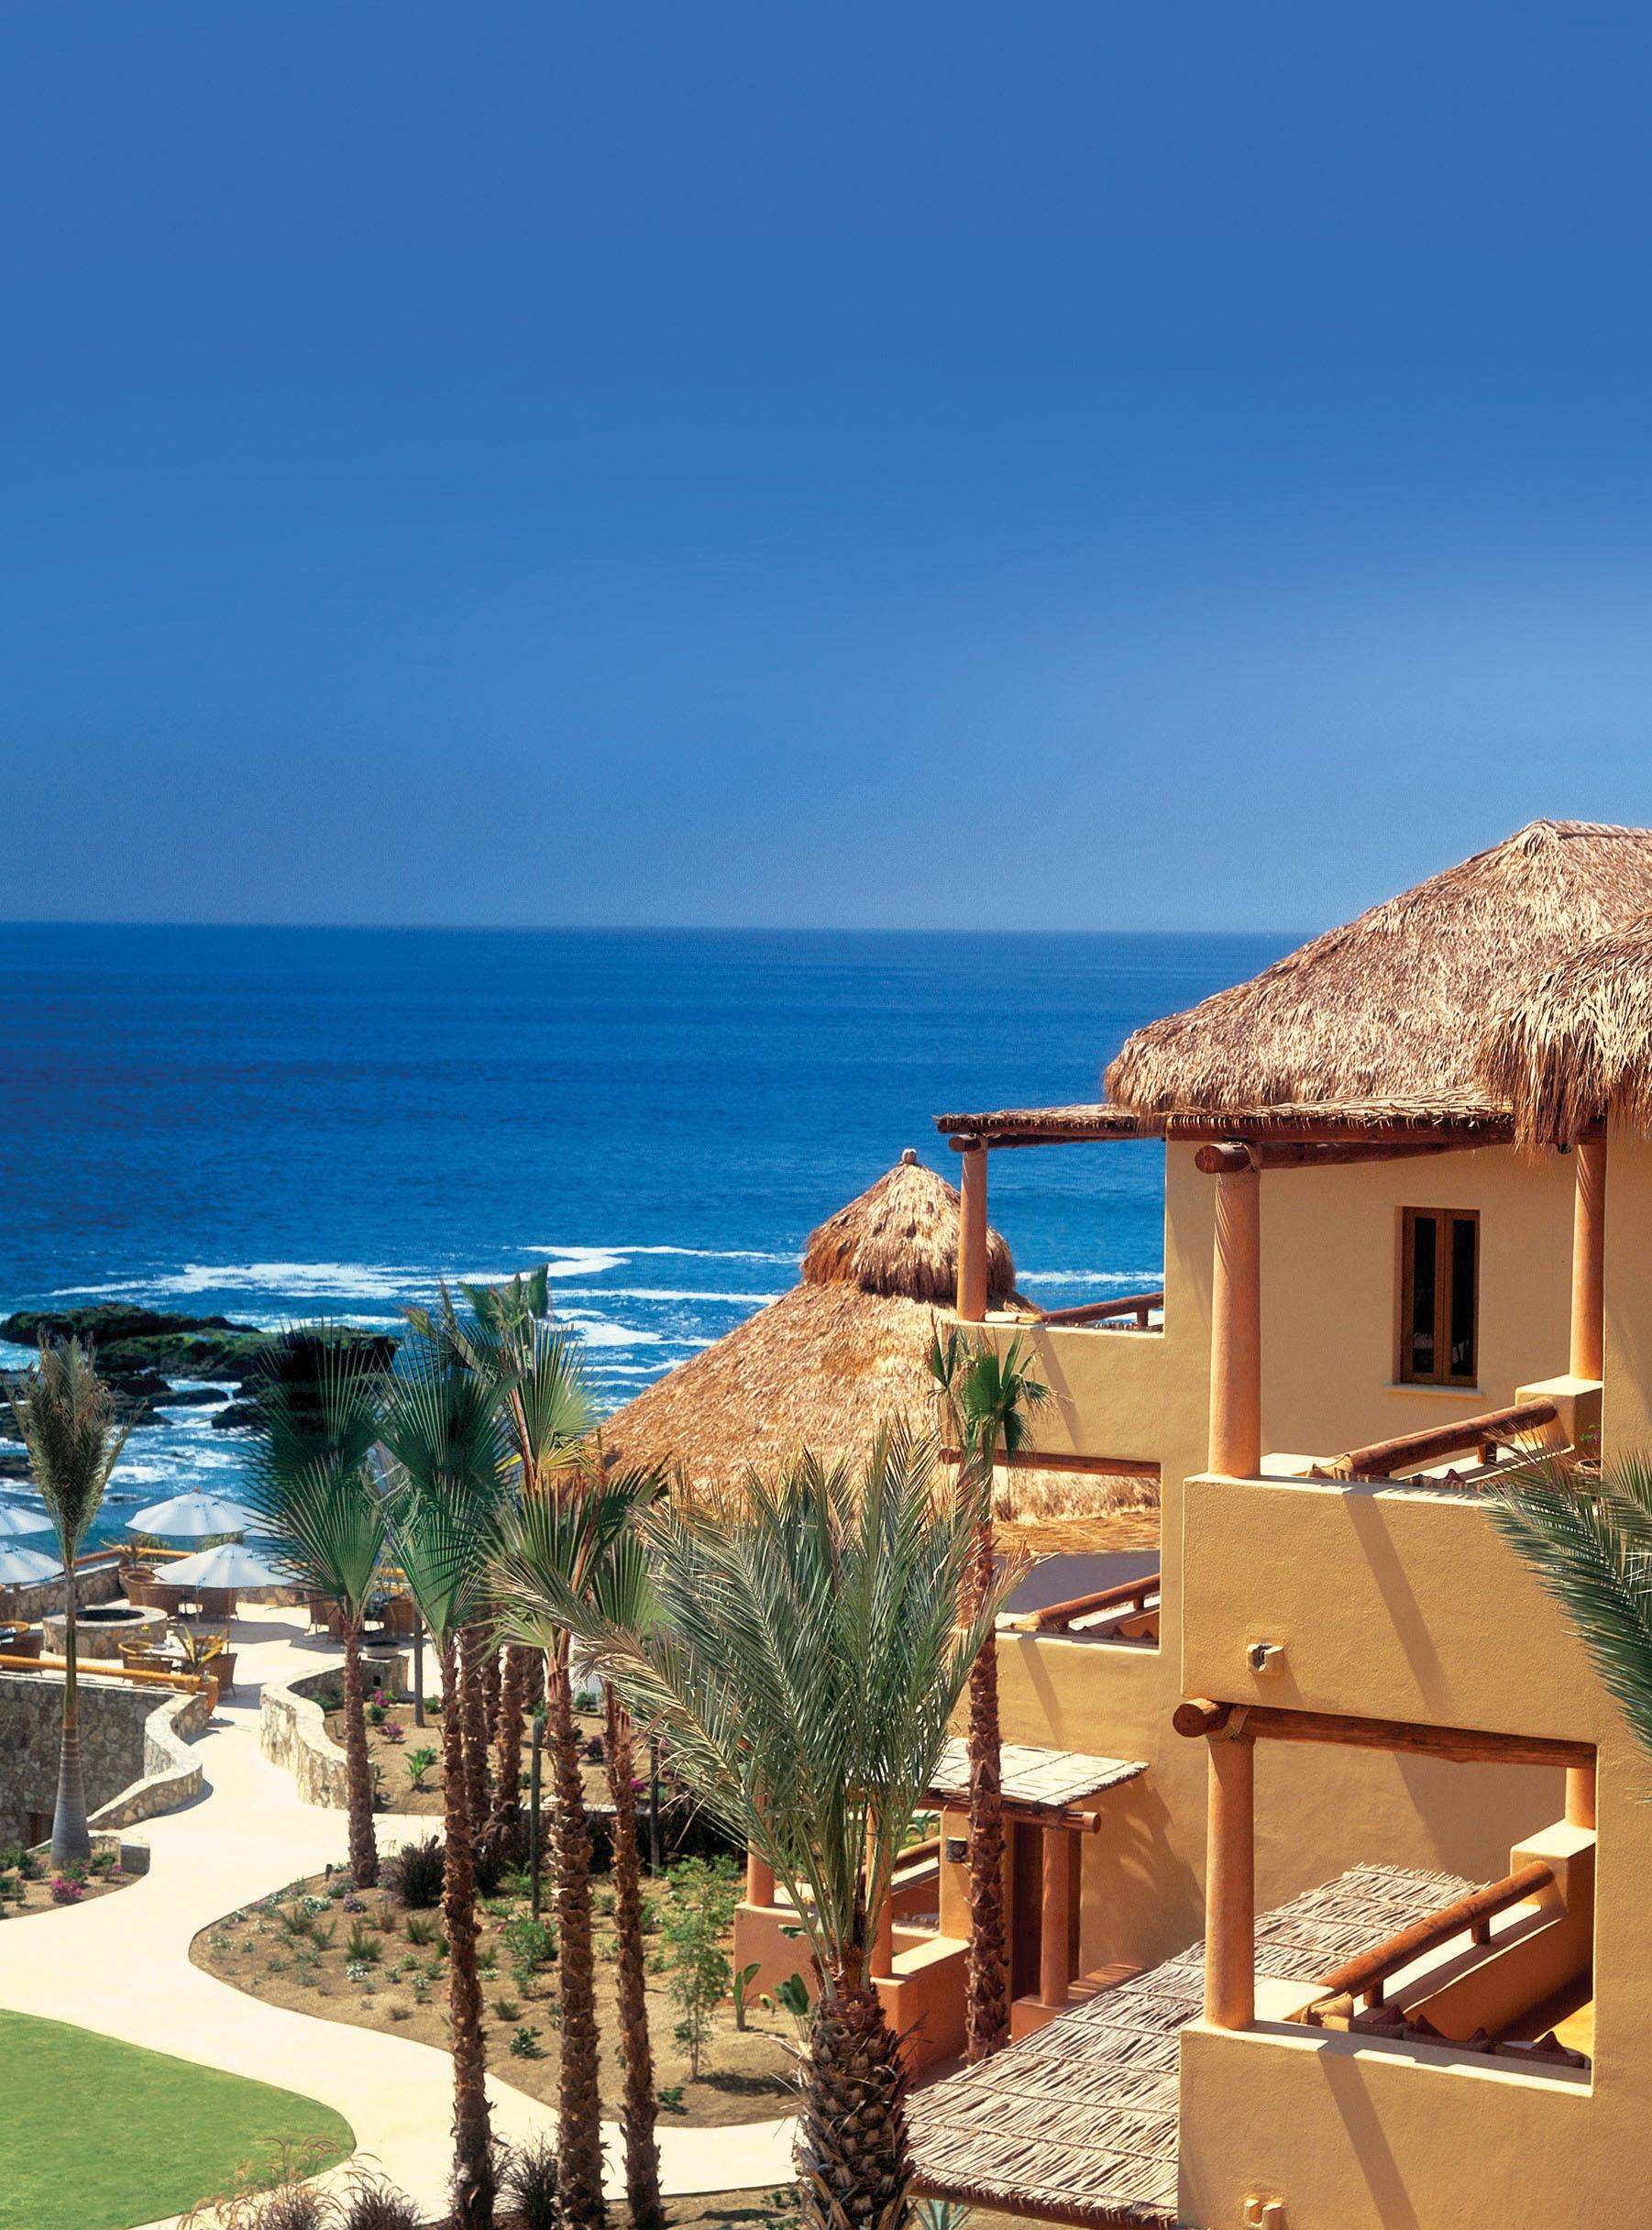 Esperanza Resort in Cabo San Lucas, Mexico.